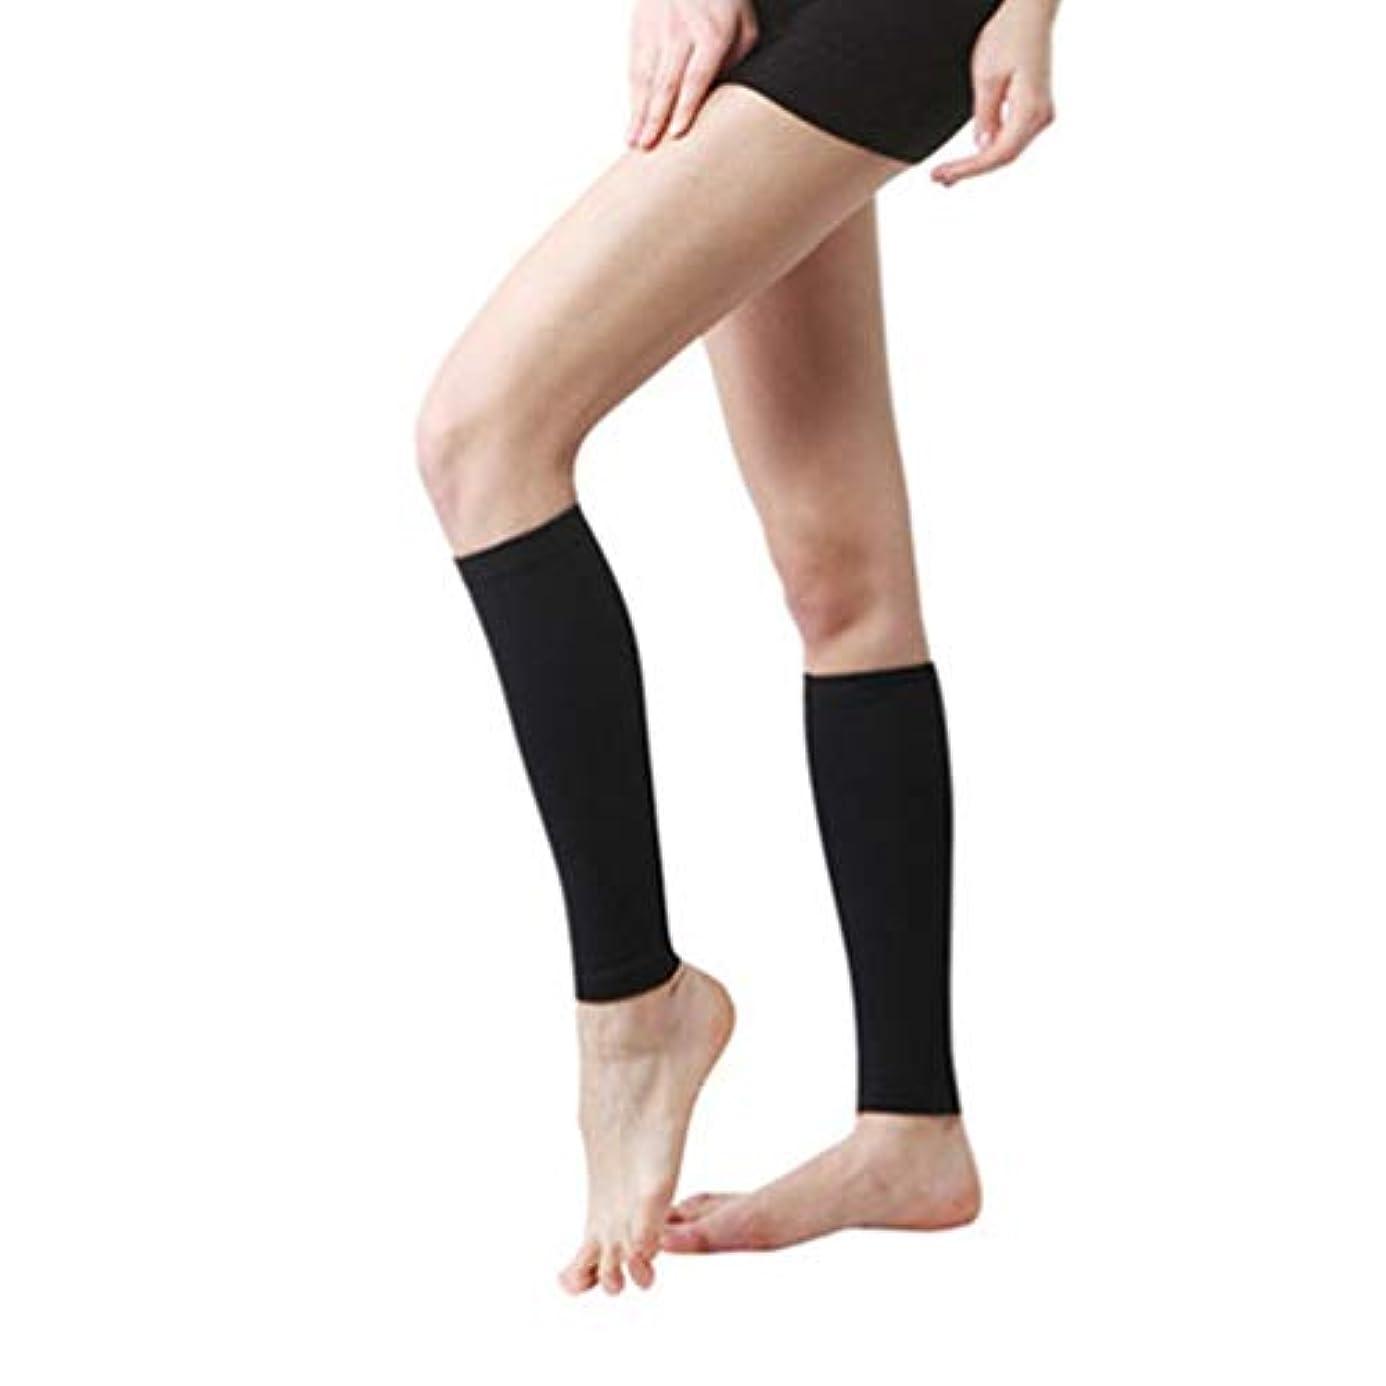 受粉する影のあるインタラクション丈夫な男性女性プロの圧縮靴下通気性のある旅行活動看護師用シンススプリントフライトトラベル - ブラック